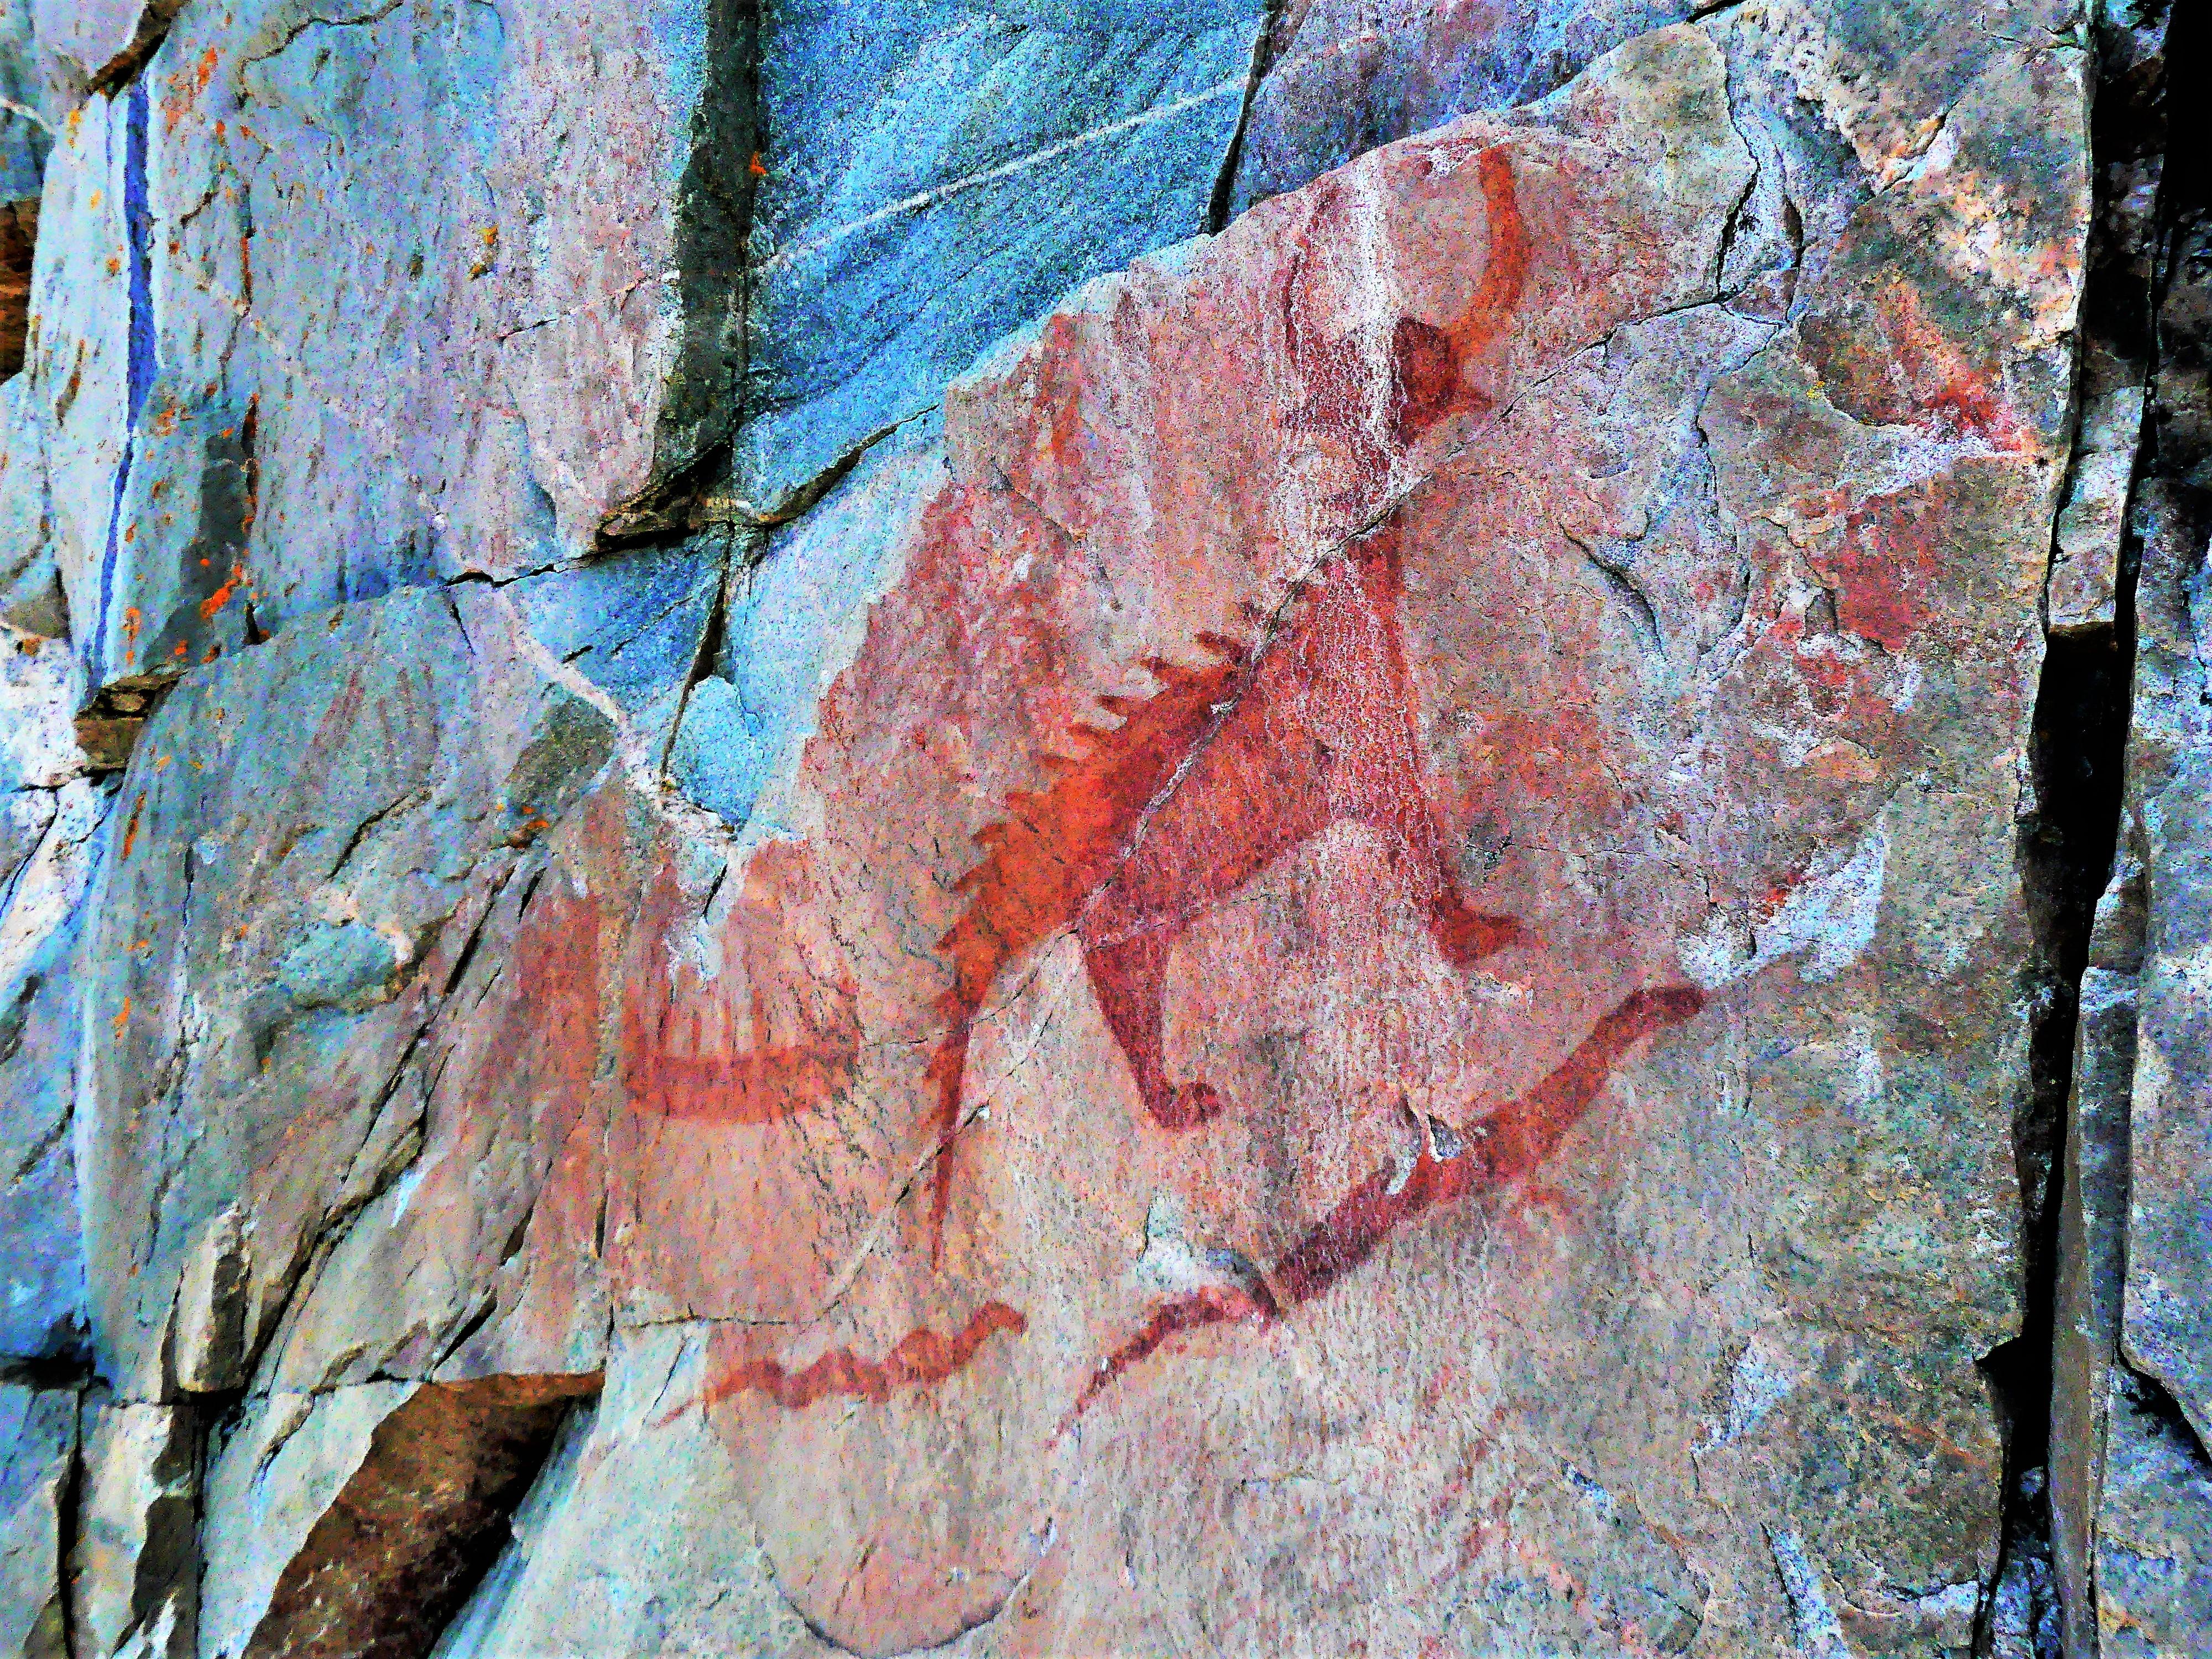 Mishibizhiw Great Lynx, who controlled Lake Superior